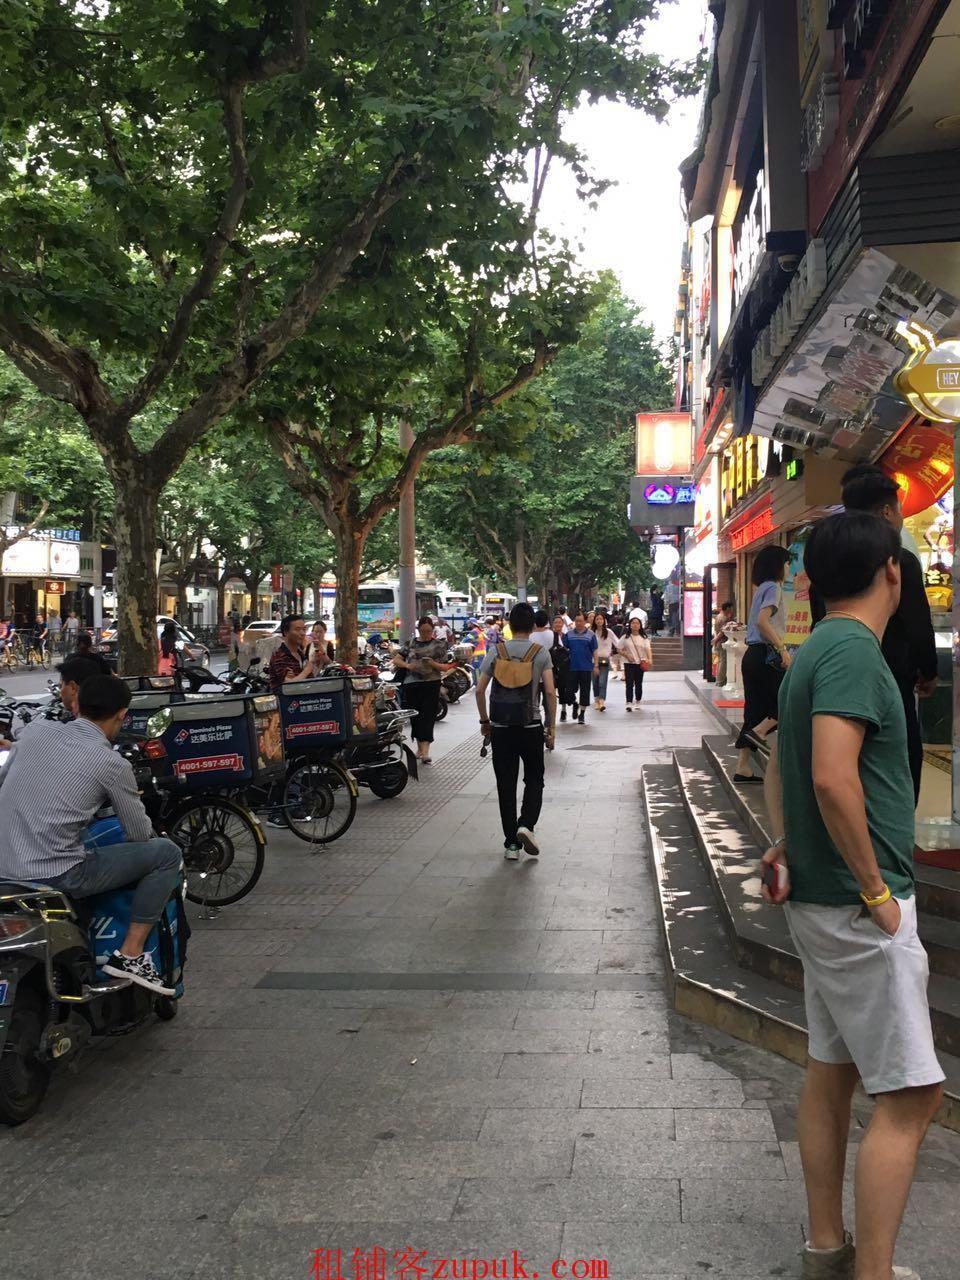 陈家祠商圈城中村出入口  旺铺招租拐角位置人很多